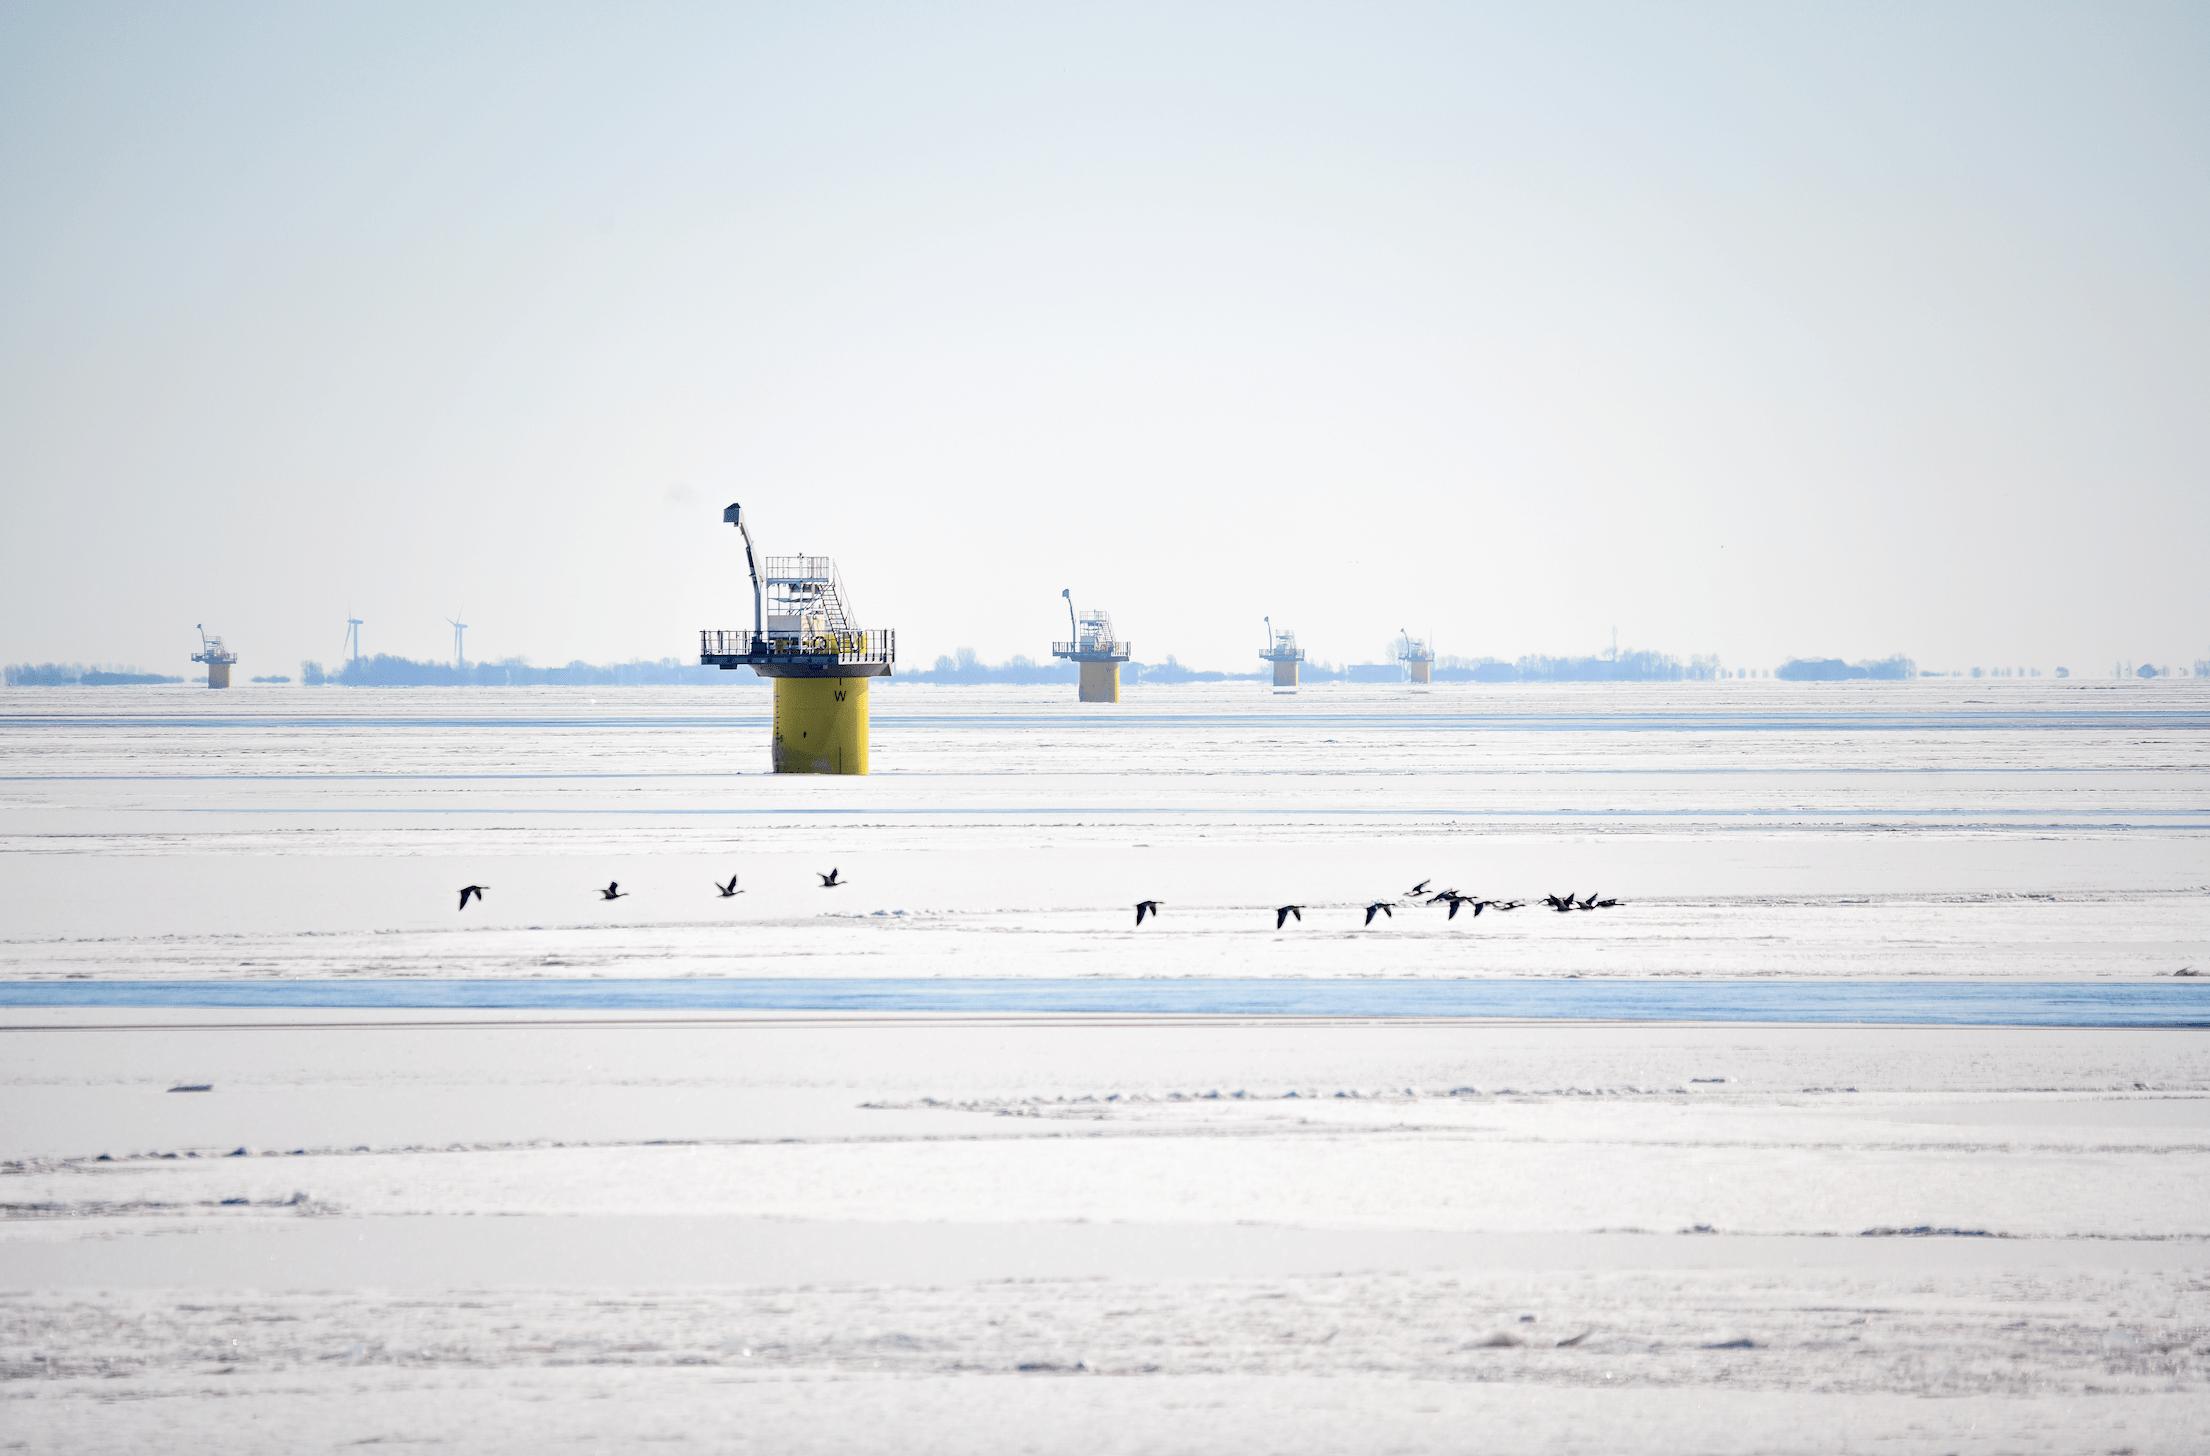 Turbine Installation Kicks Off at Windpark Fryslân